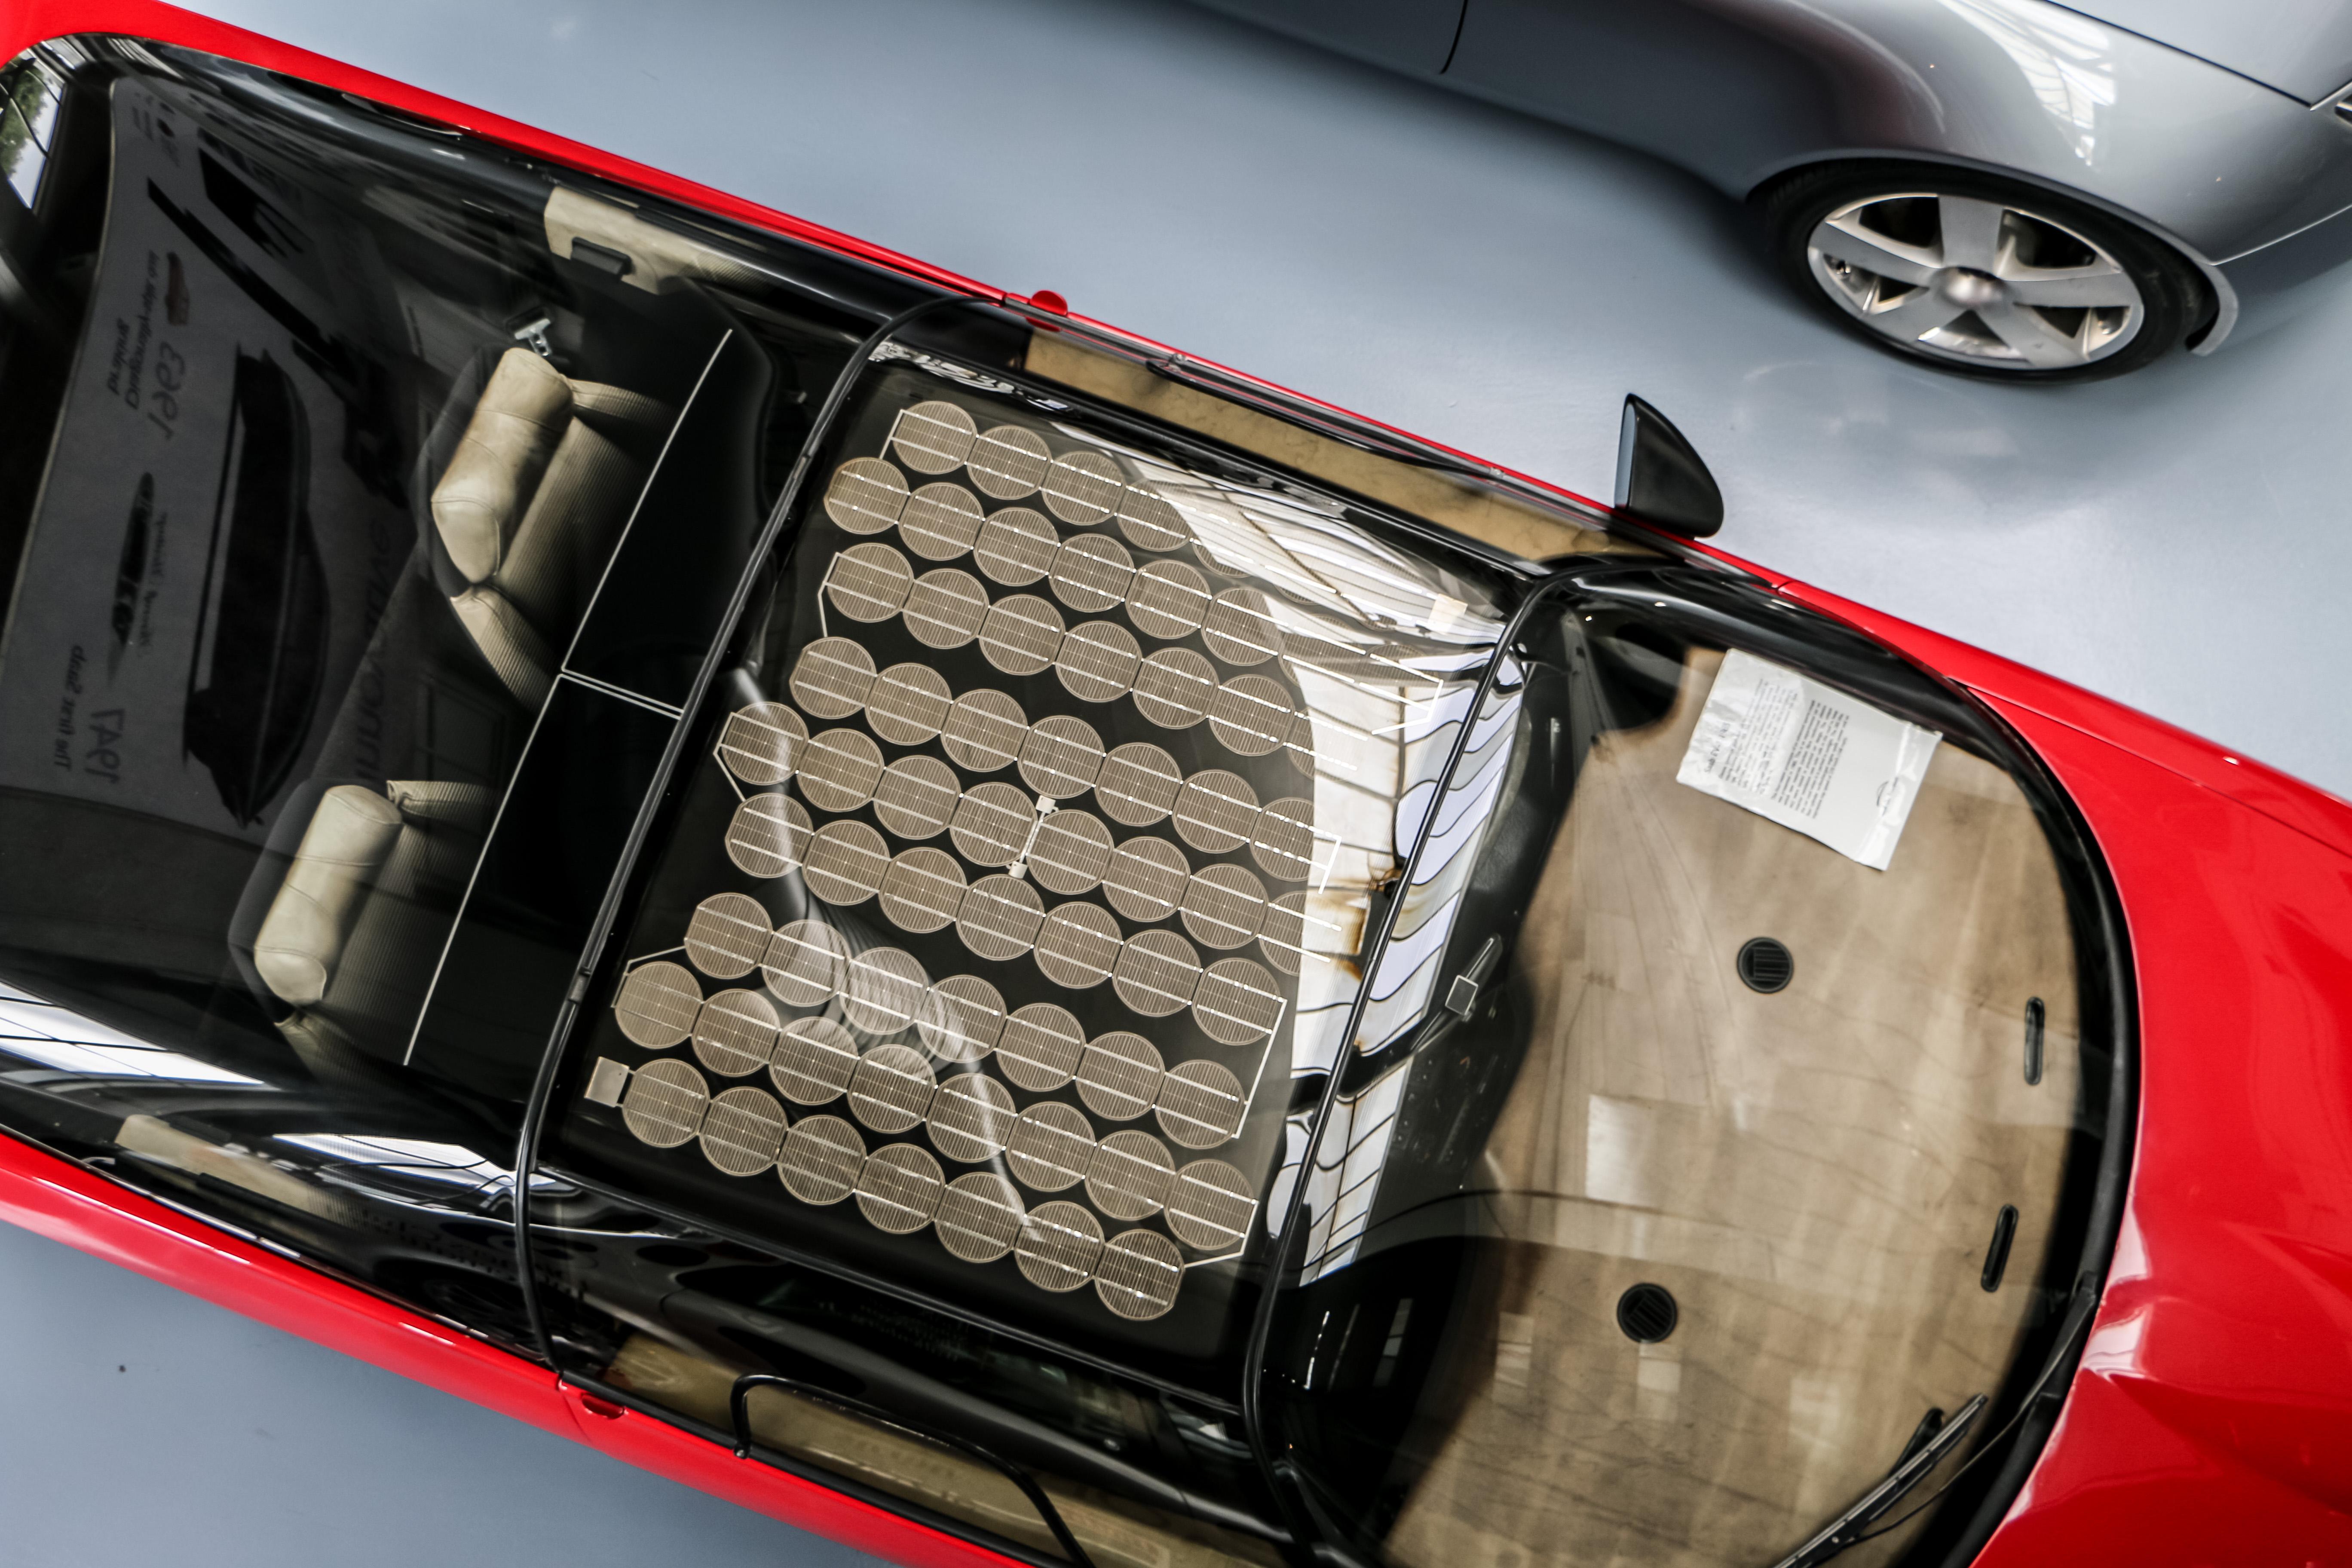 Solar Saab, Auto, Battery, Car, Energy, HQ Photo